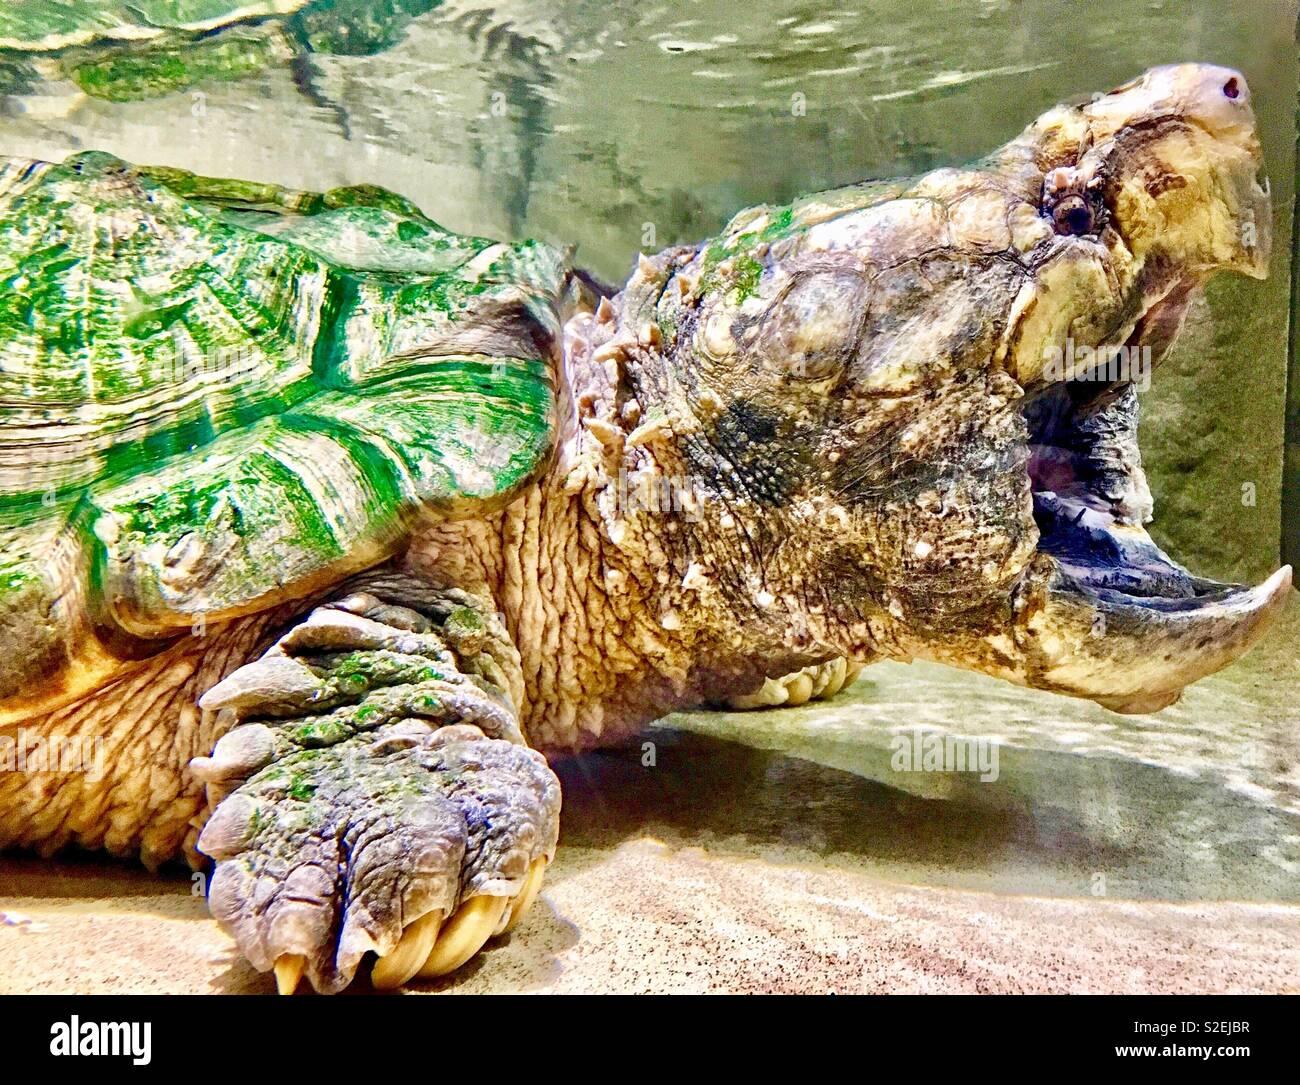 Ajuste tortuga cocodrilo con la boca abierta y el hocico puntiagudo, algas cubiertas de shell y pie con grandes pinzas Imagen De Stock